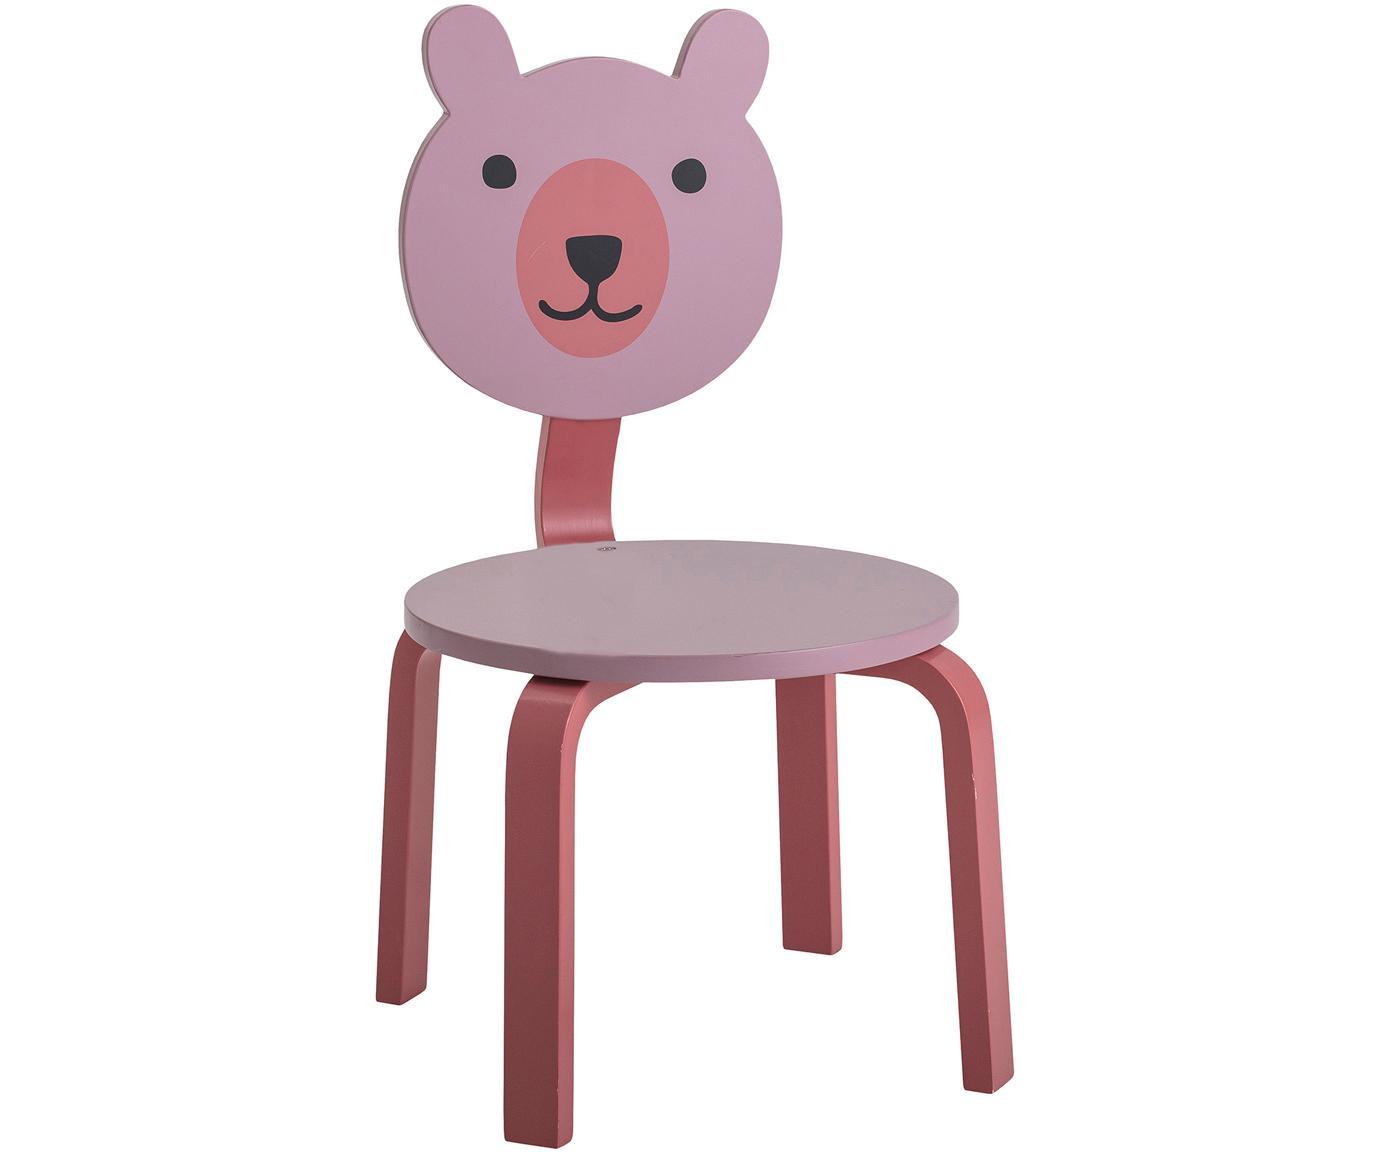 Sedia orsetto Bear, Pannello di fibra a media densità (MDF) verniciato, Rosa, Larg. 32 x Alt. 60 cm